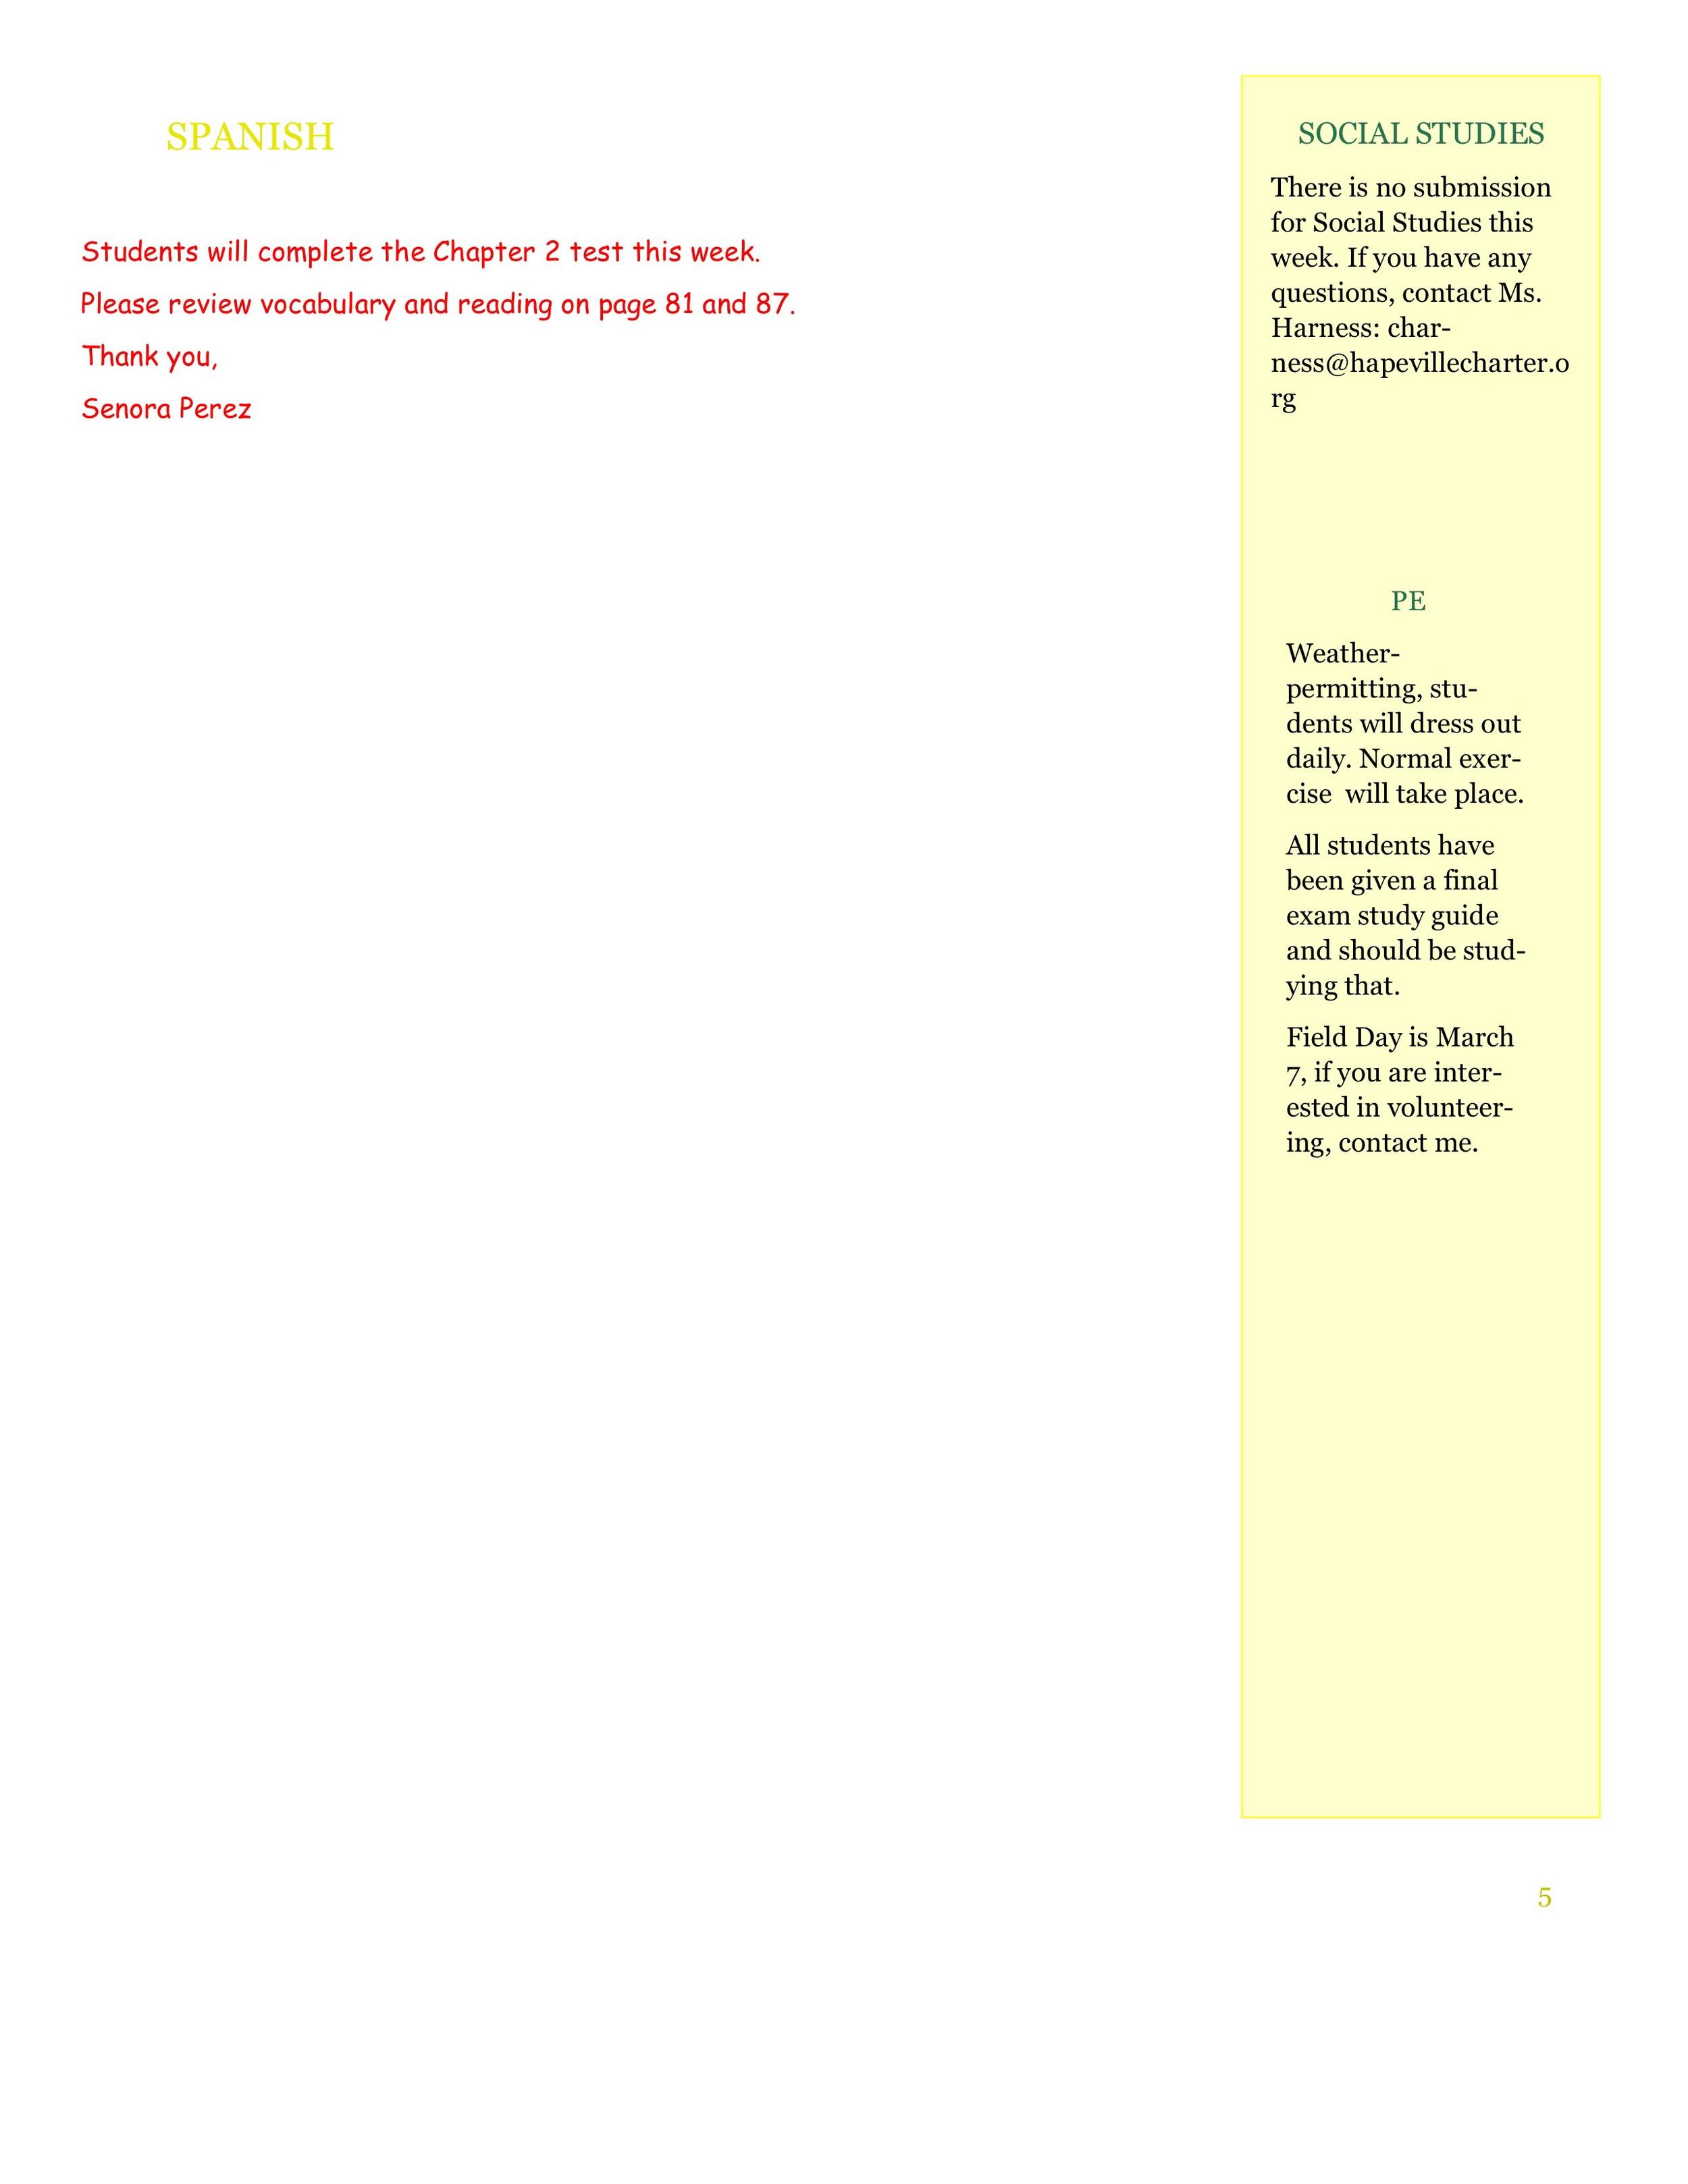 Newsletter Image6th grade April 20-24 5.jpeg